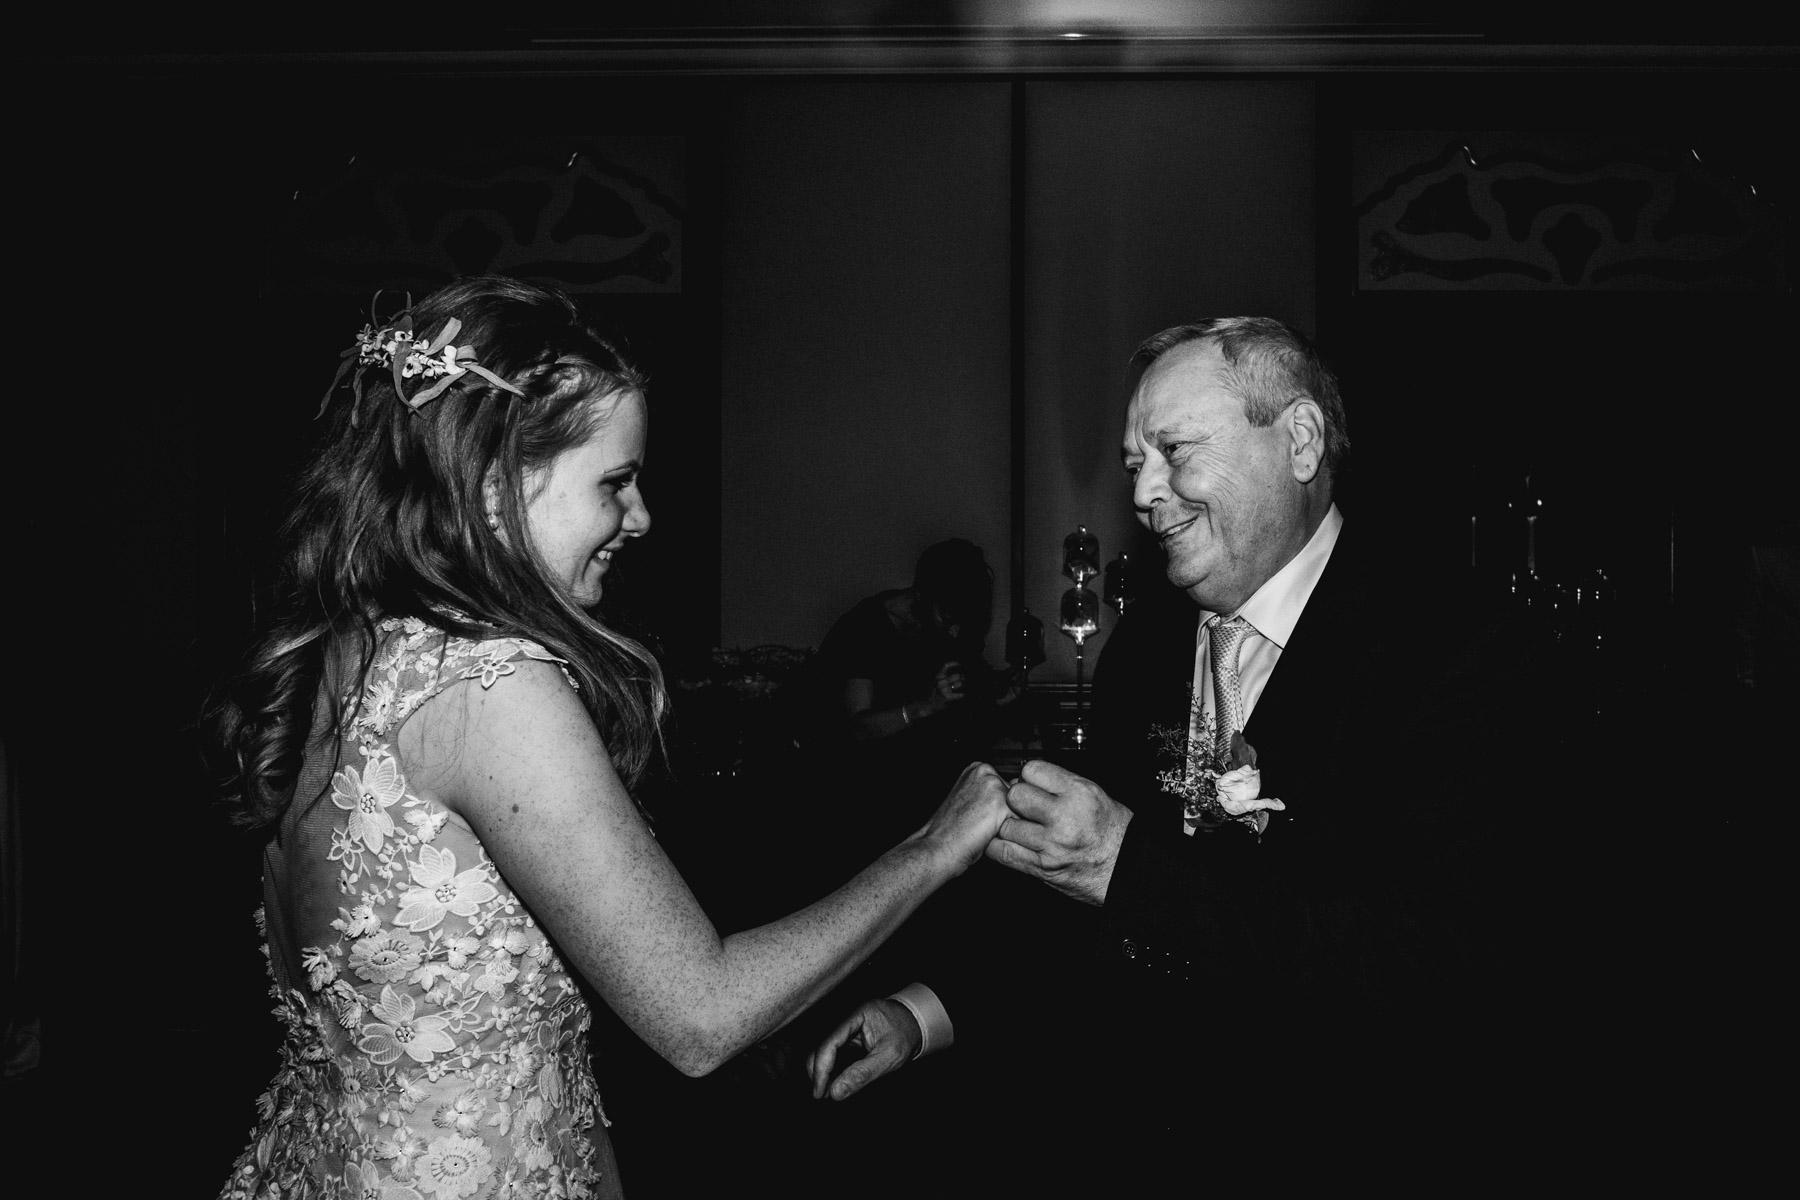 MartinLiebl_Kein_Hochzeitsfotograf_No_Wedding_Photographer_Budapest_Gresham_Palace_072.jpg